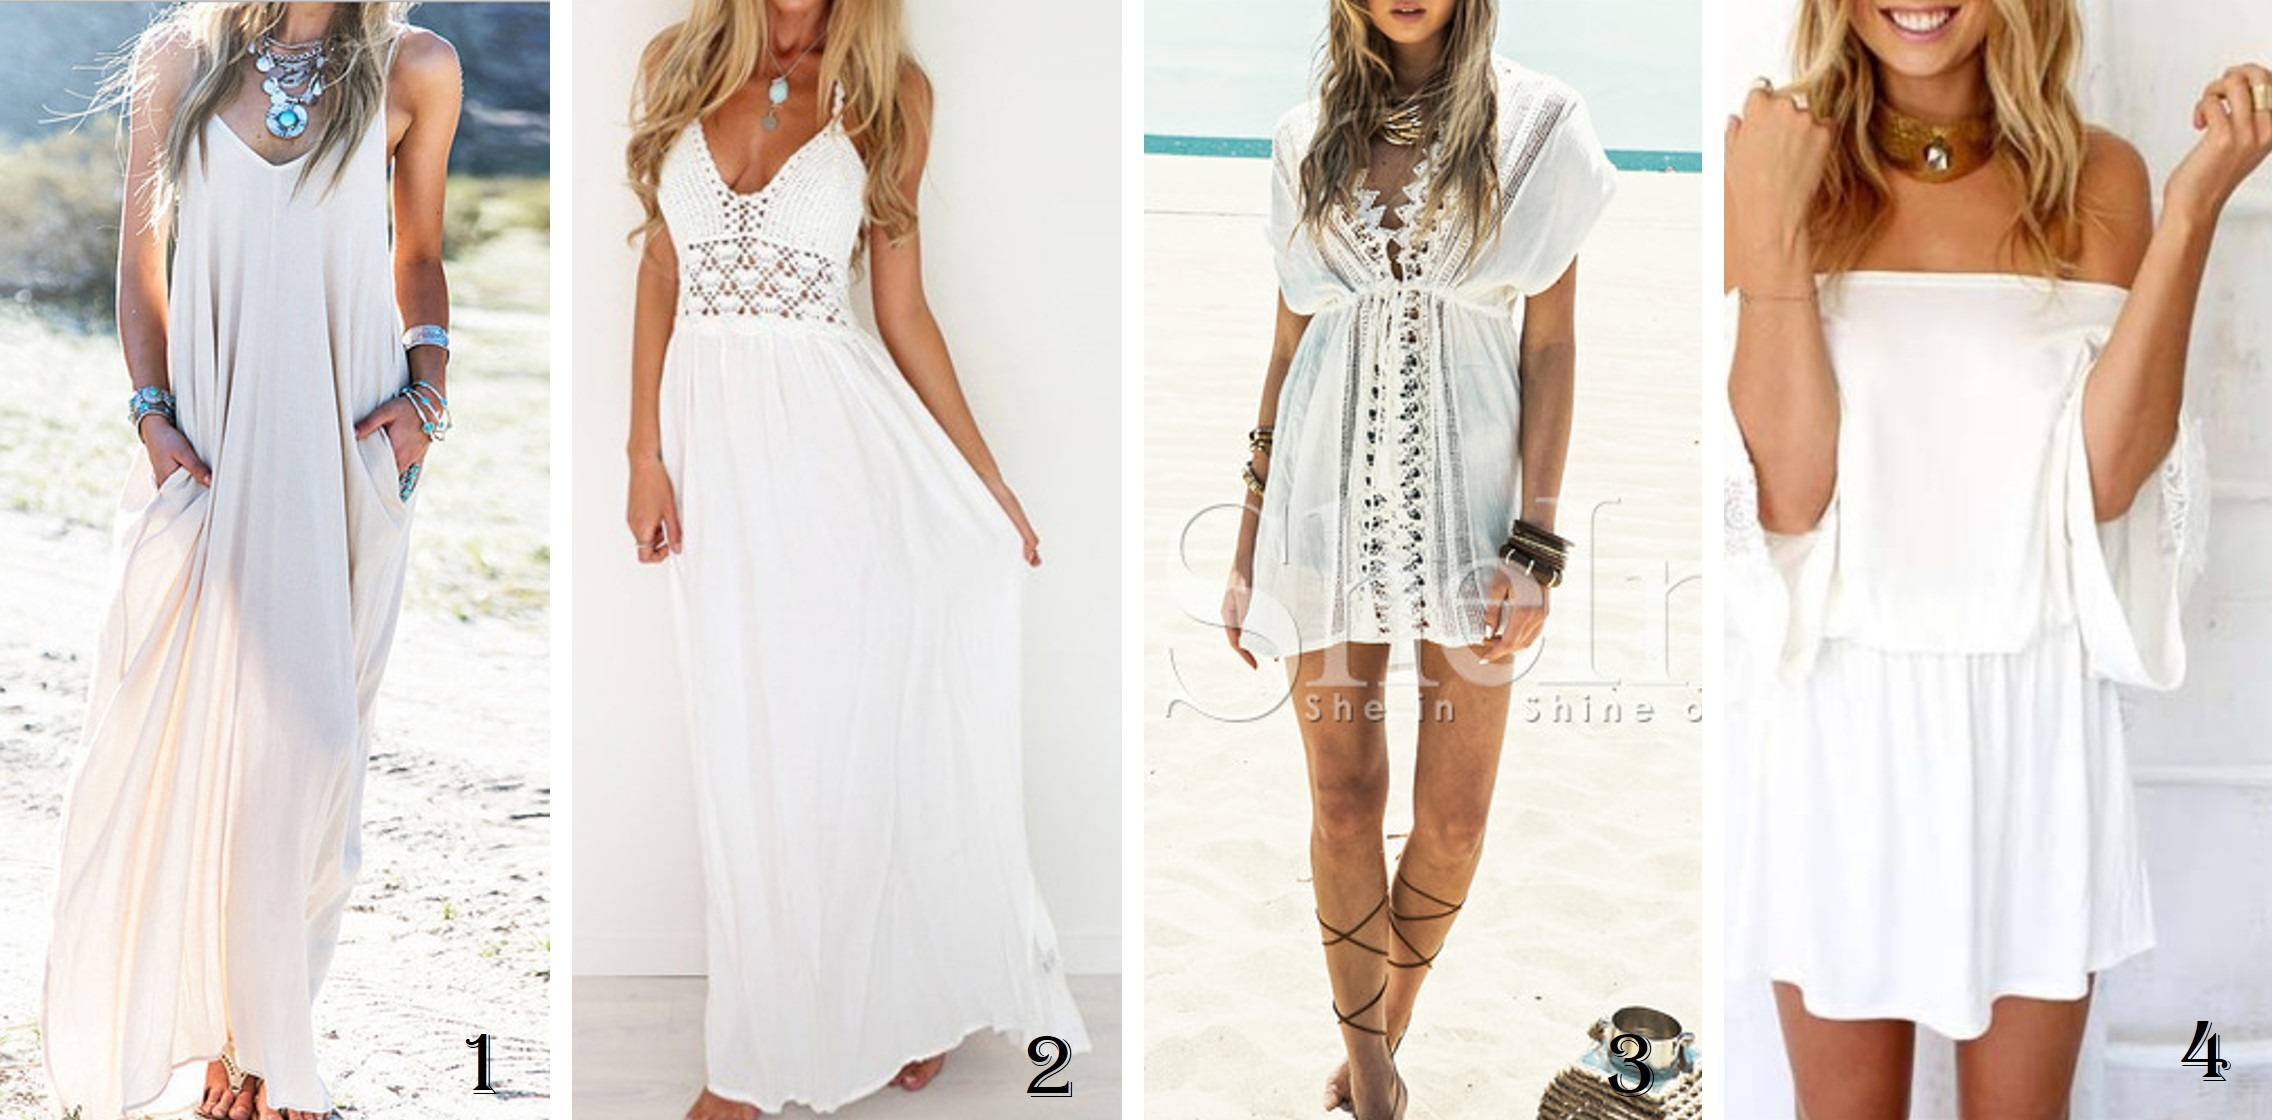 cc88a6b4db Vestidos para o ano novo - Vestidos de reveillon - Vaidosa e Feminina